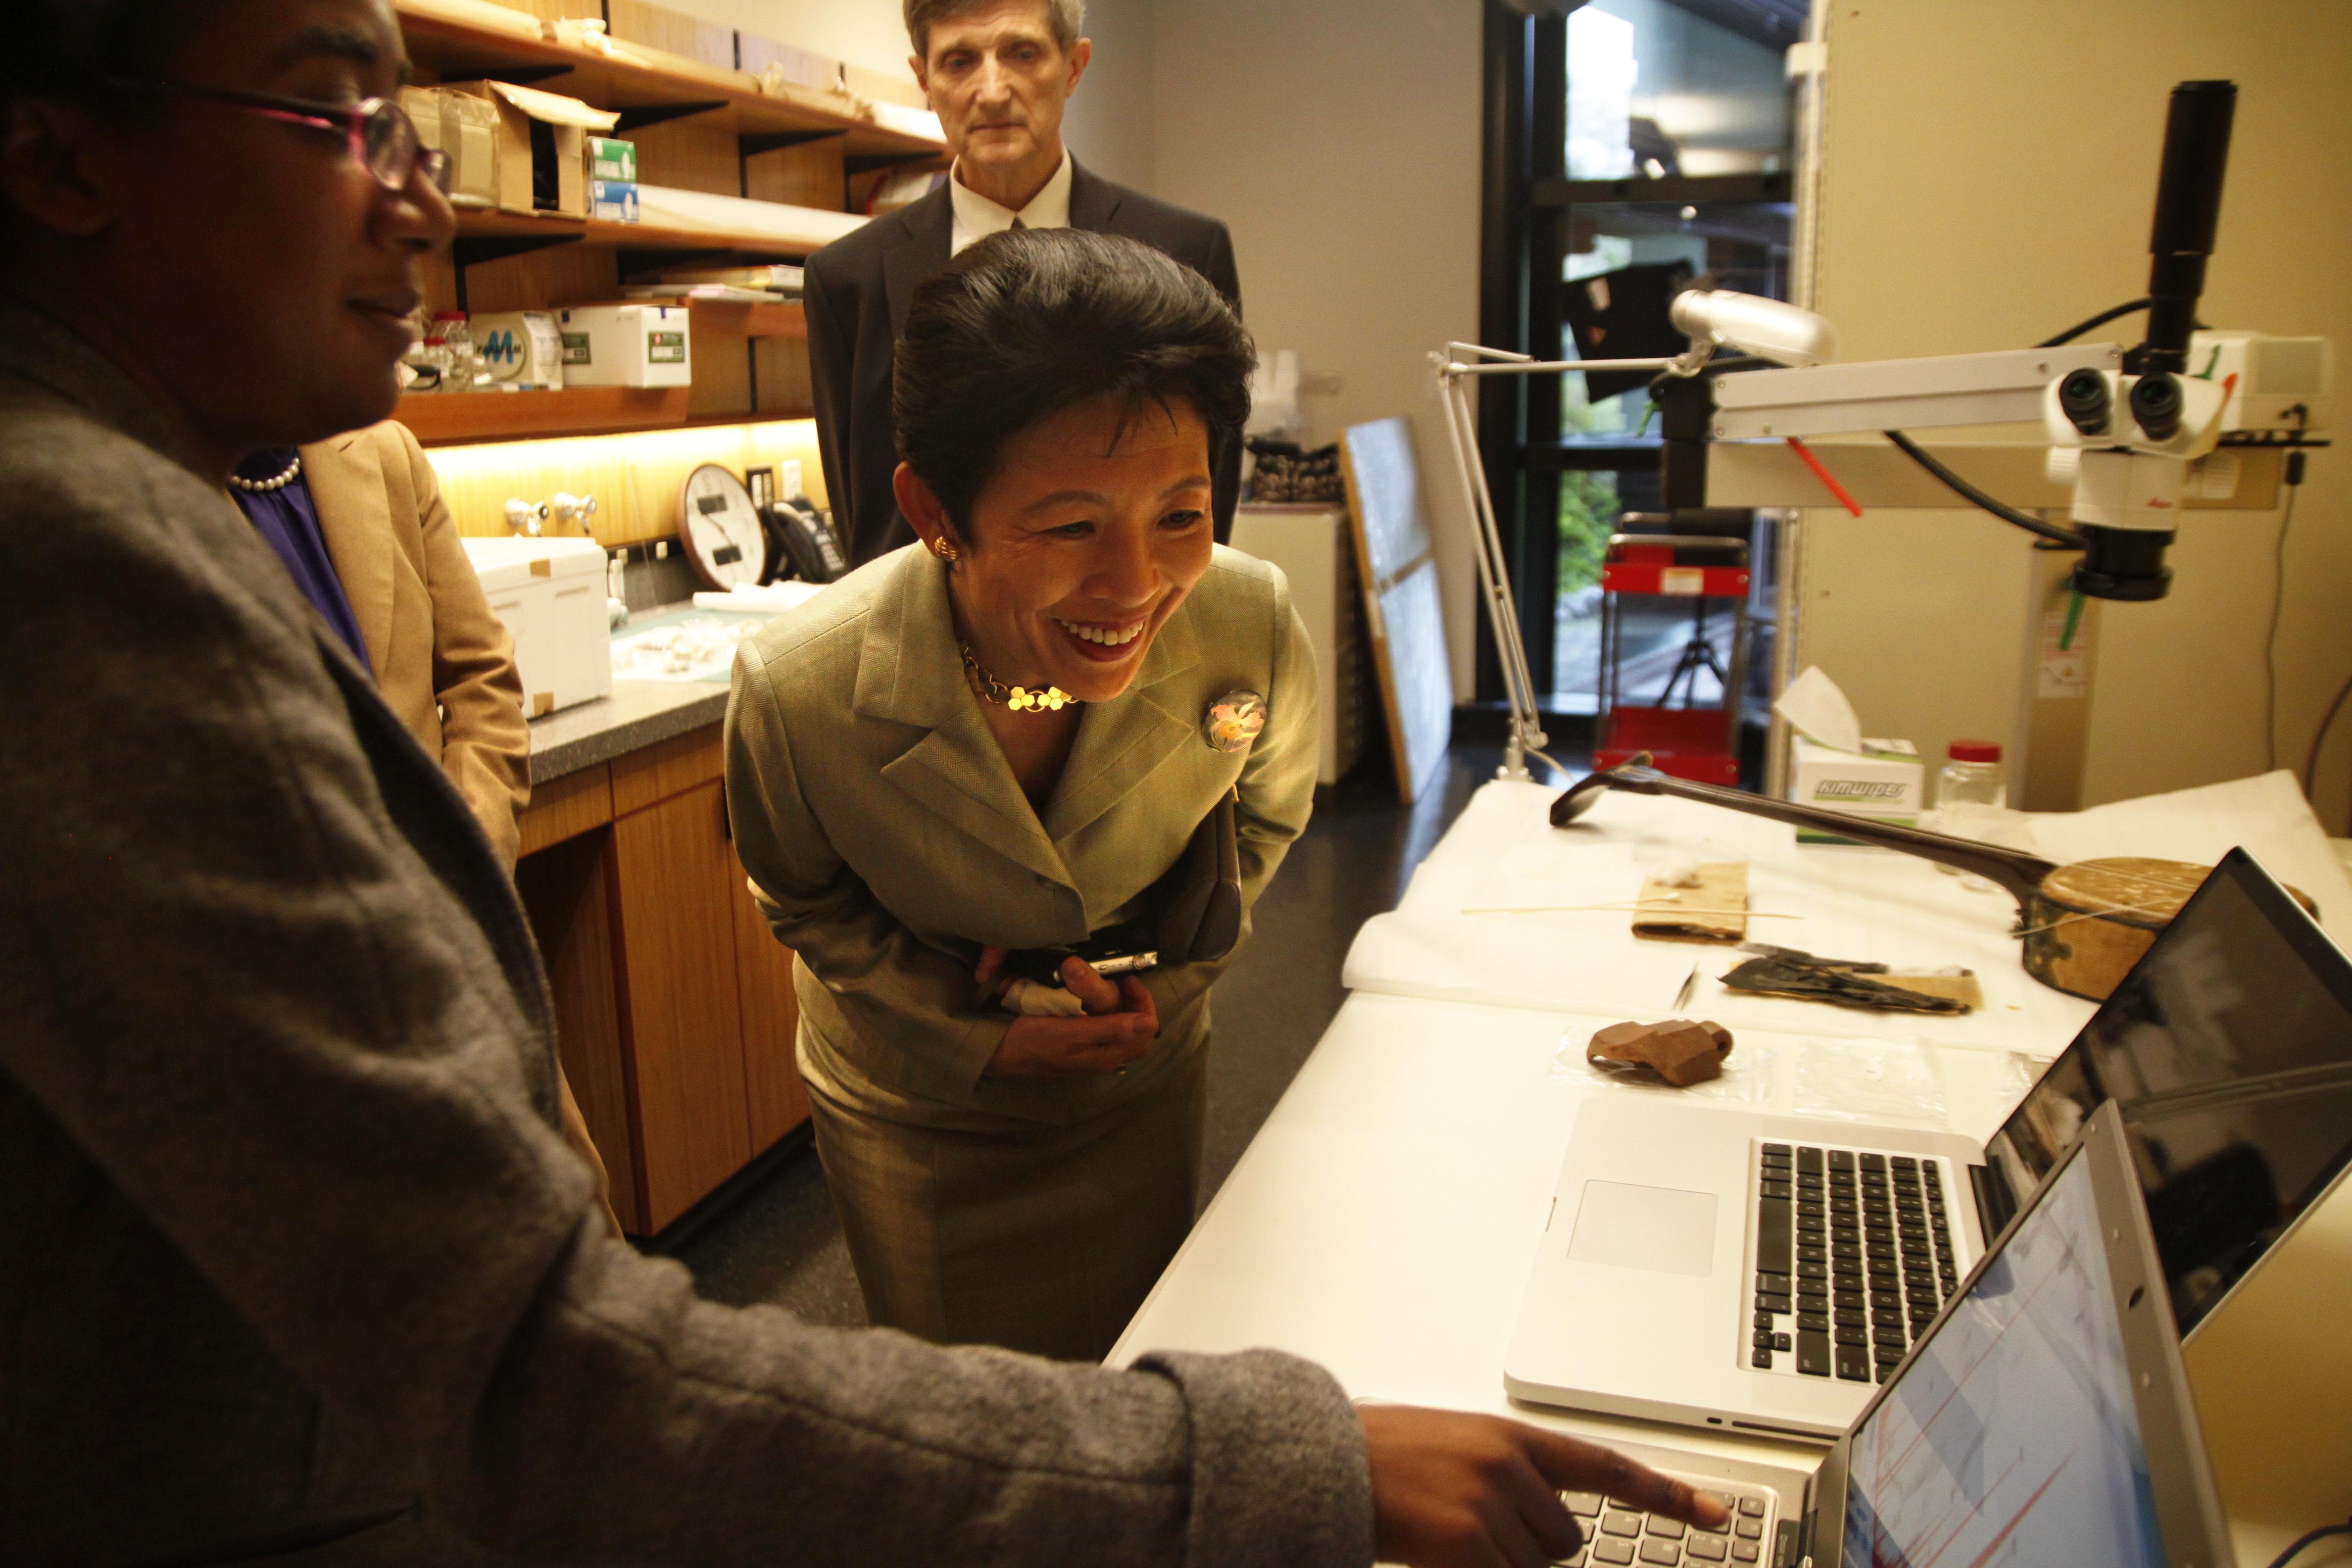 高円宮妃殿下に研究について説明をするアニヤ ・マックデイヴィス女史